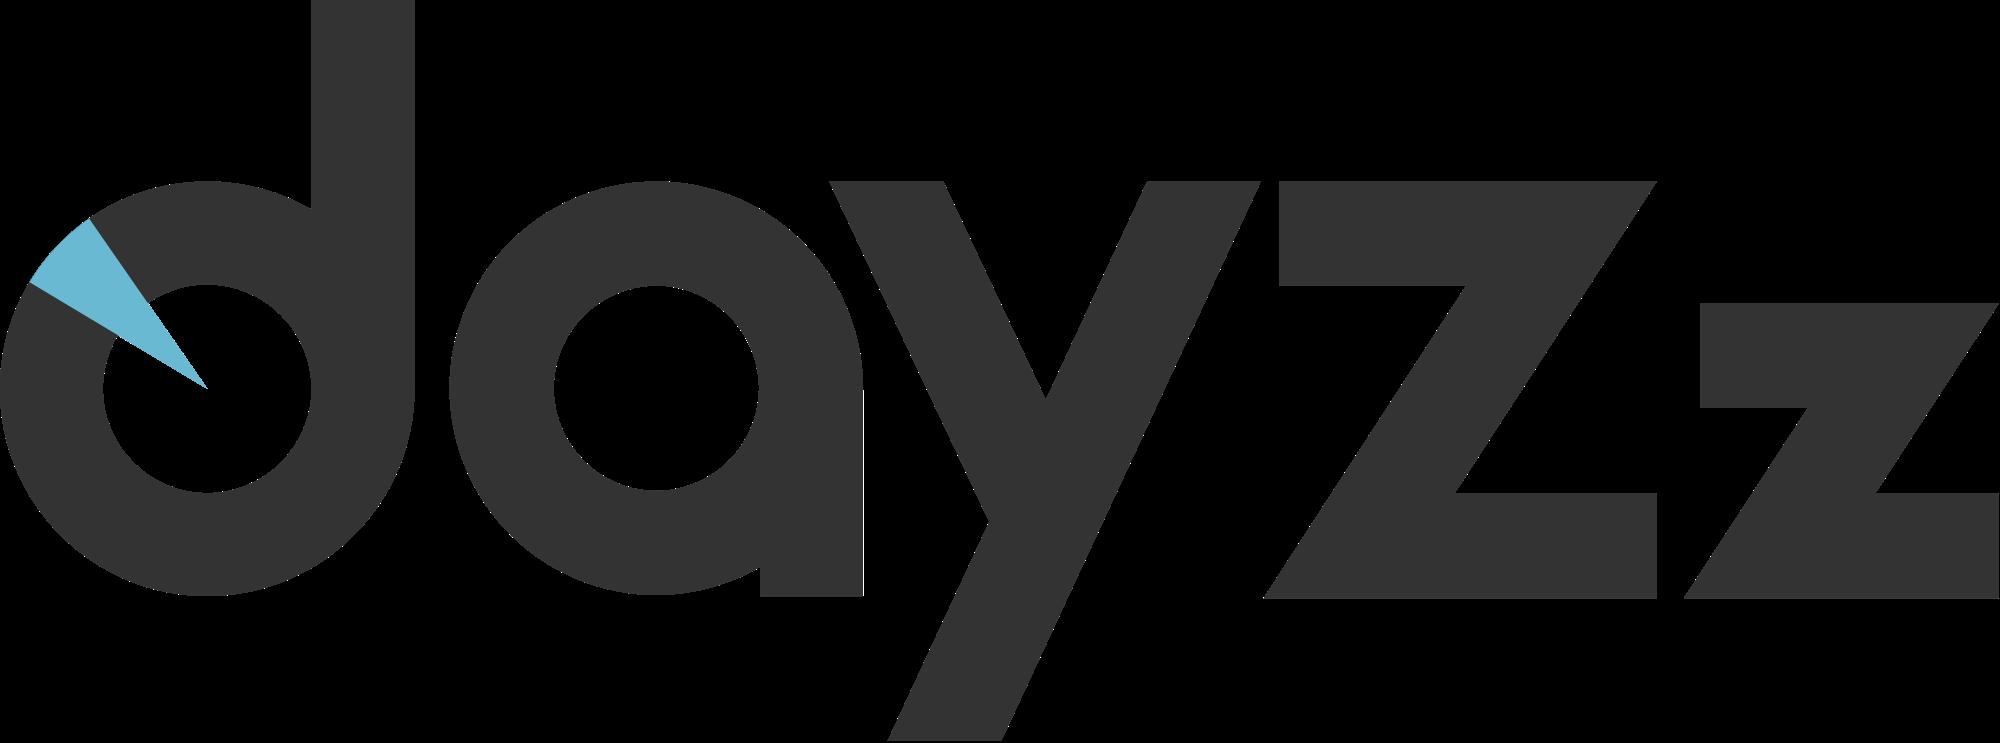 Dayzz